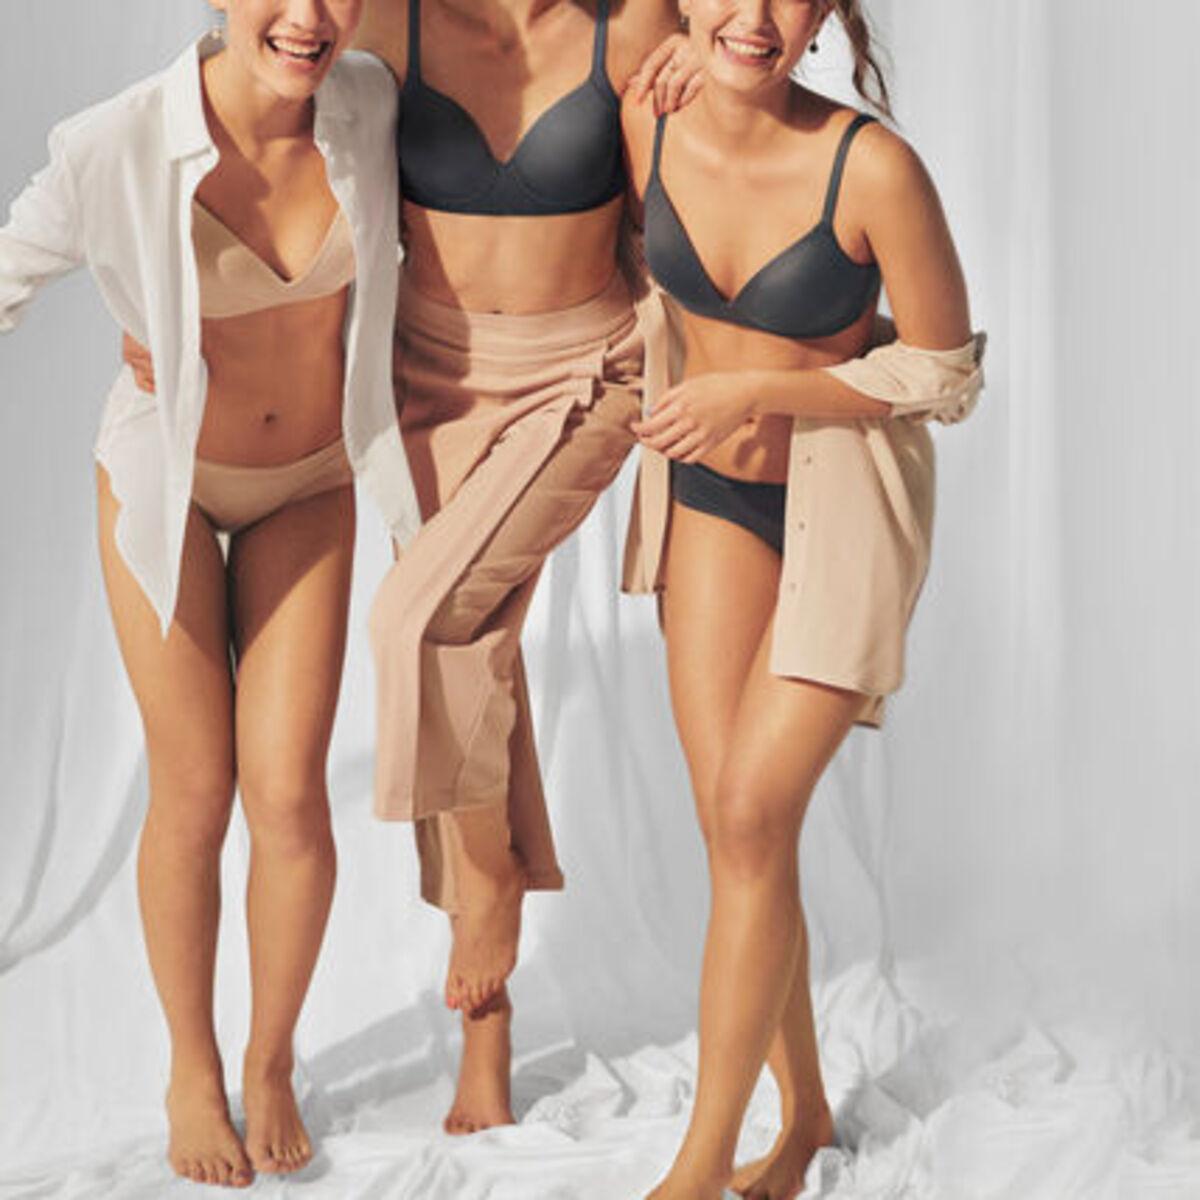 """Bild 4 von Triumph Bügel-BH """"Body Make-up Soft Touch"""", gepadded, nahtlos, für Damen"""